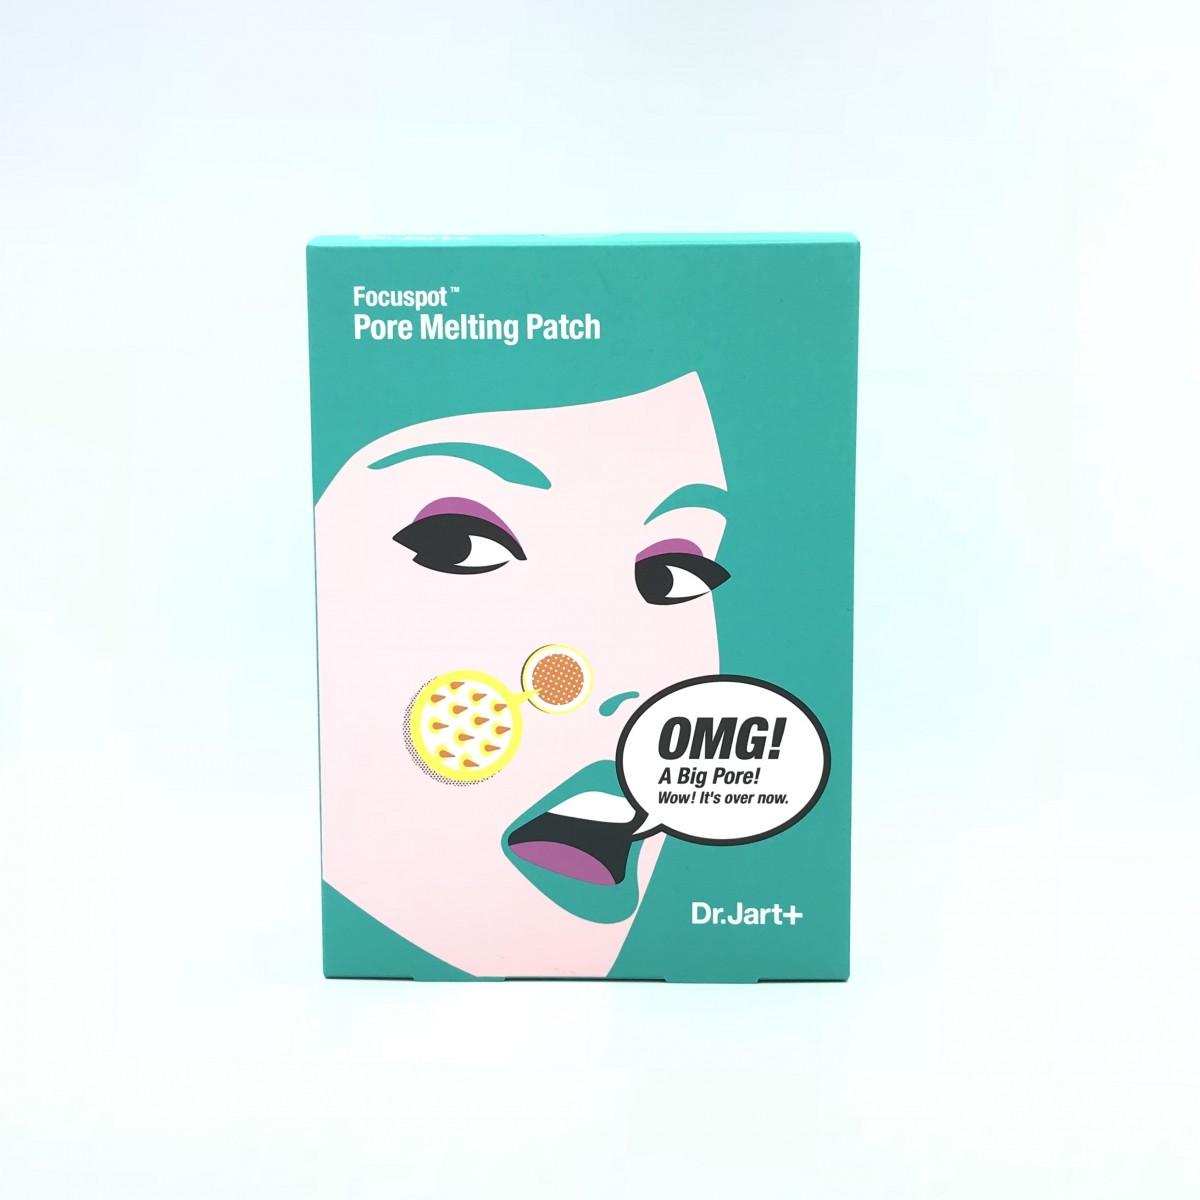 Набор патчей и сывороток для чистки и сужения пор Dr.Jart+ Focuspot Pore Melting Patch - 10×3 г+5×5 г